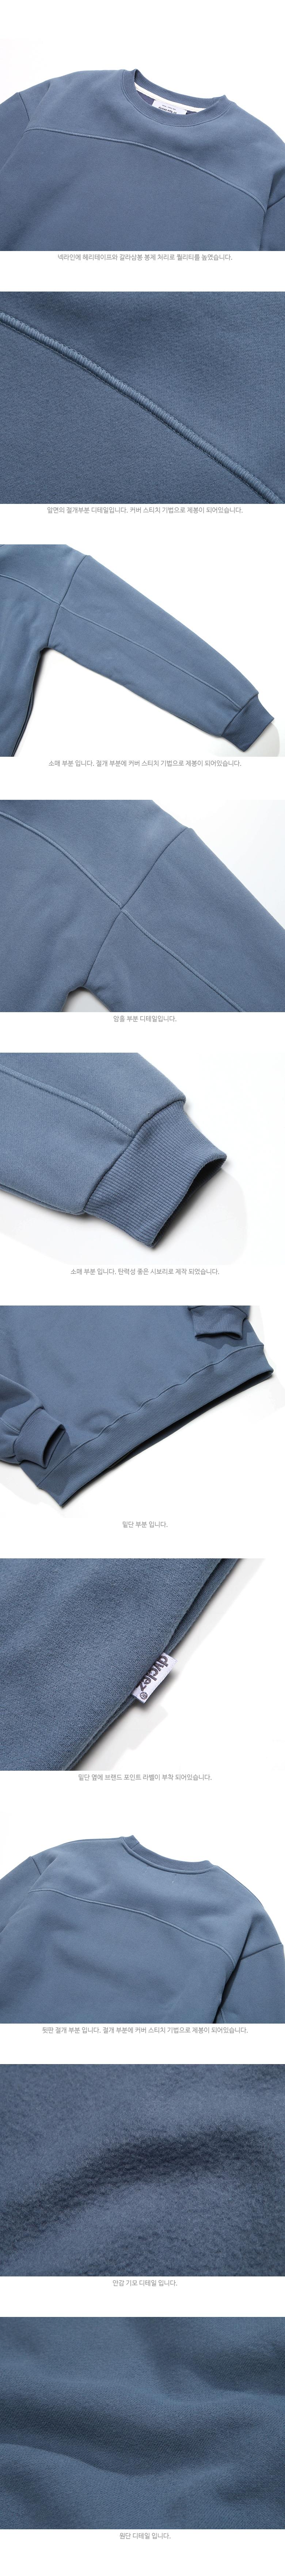 KHMT5098_detail_bluegray_02.jpg